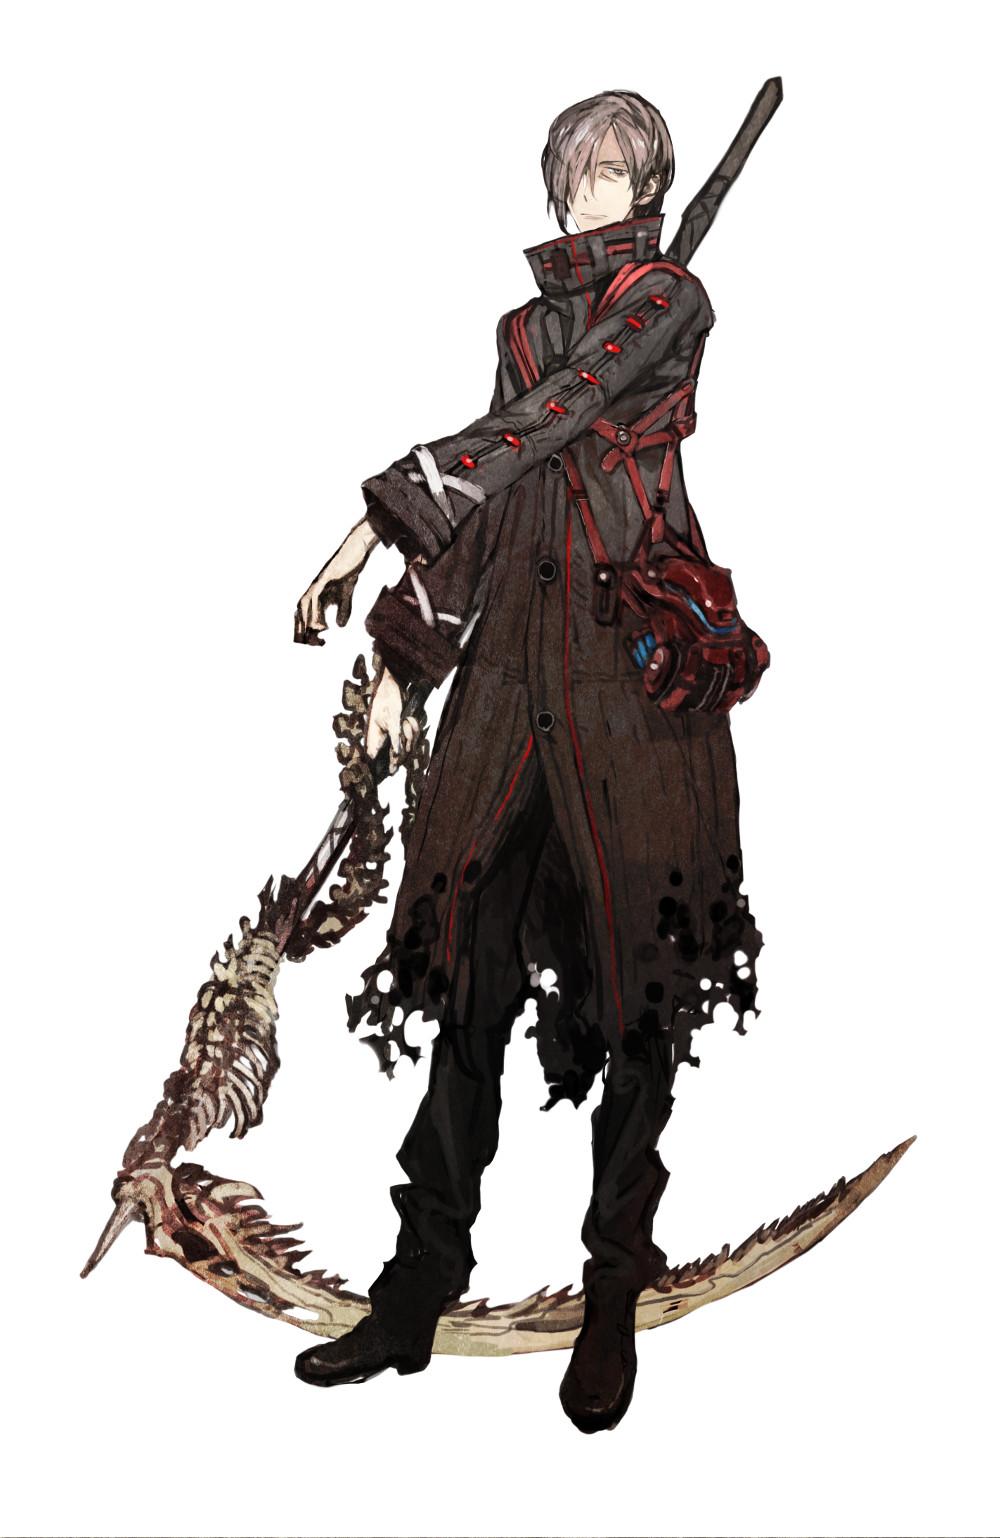 07 The Reaper I am Setsuna